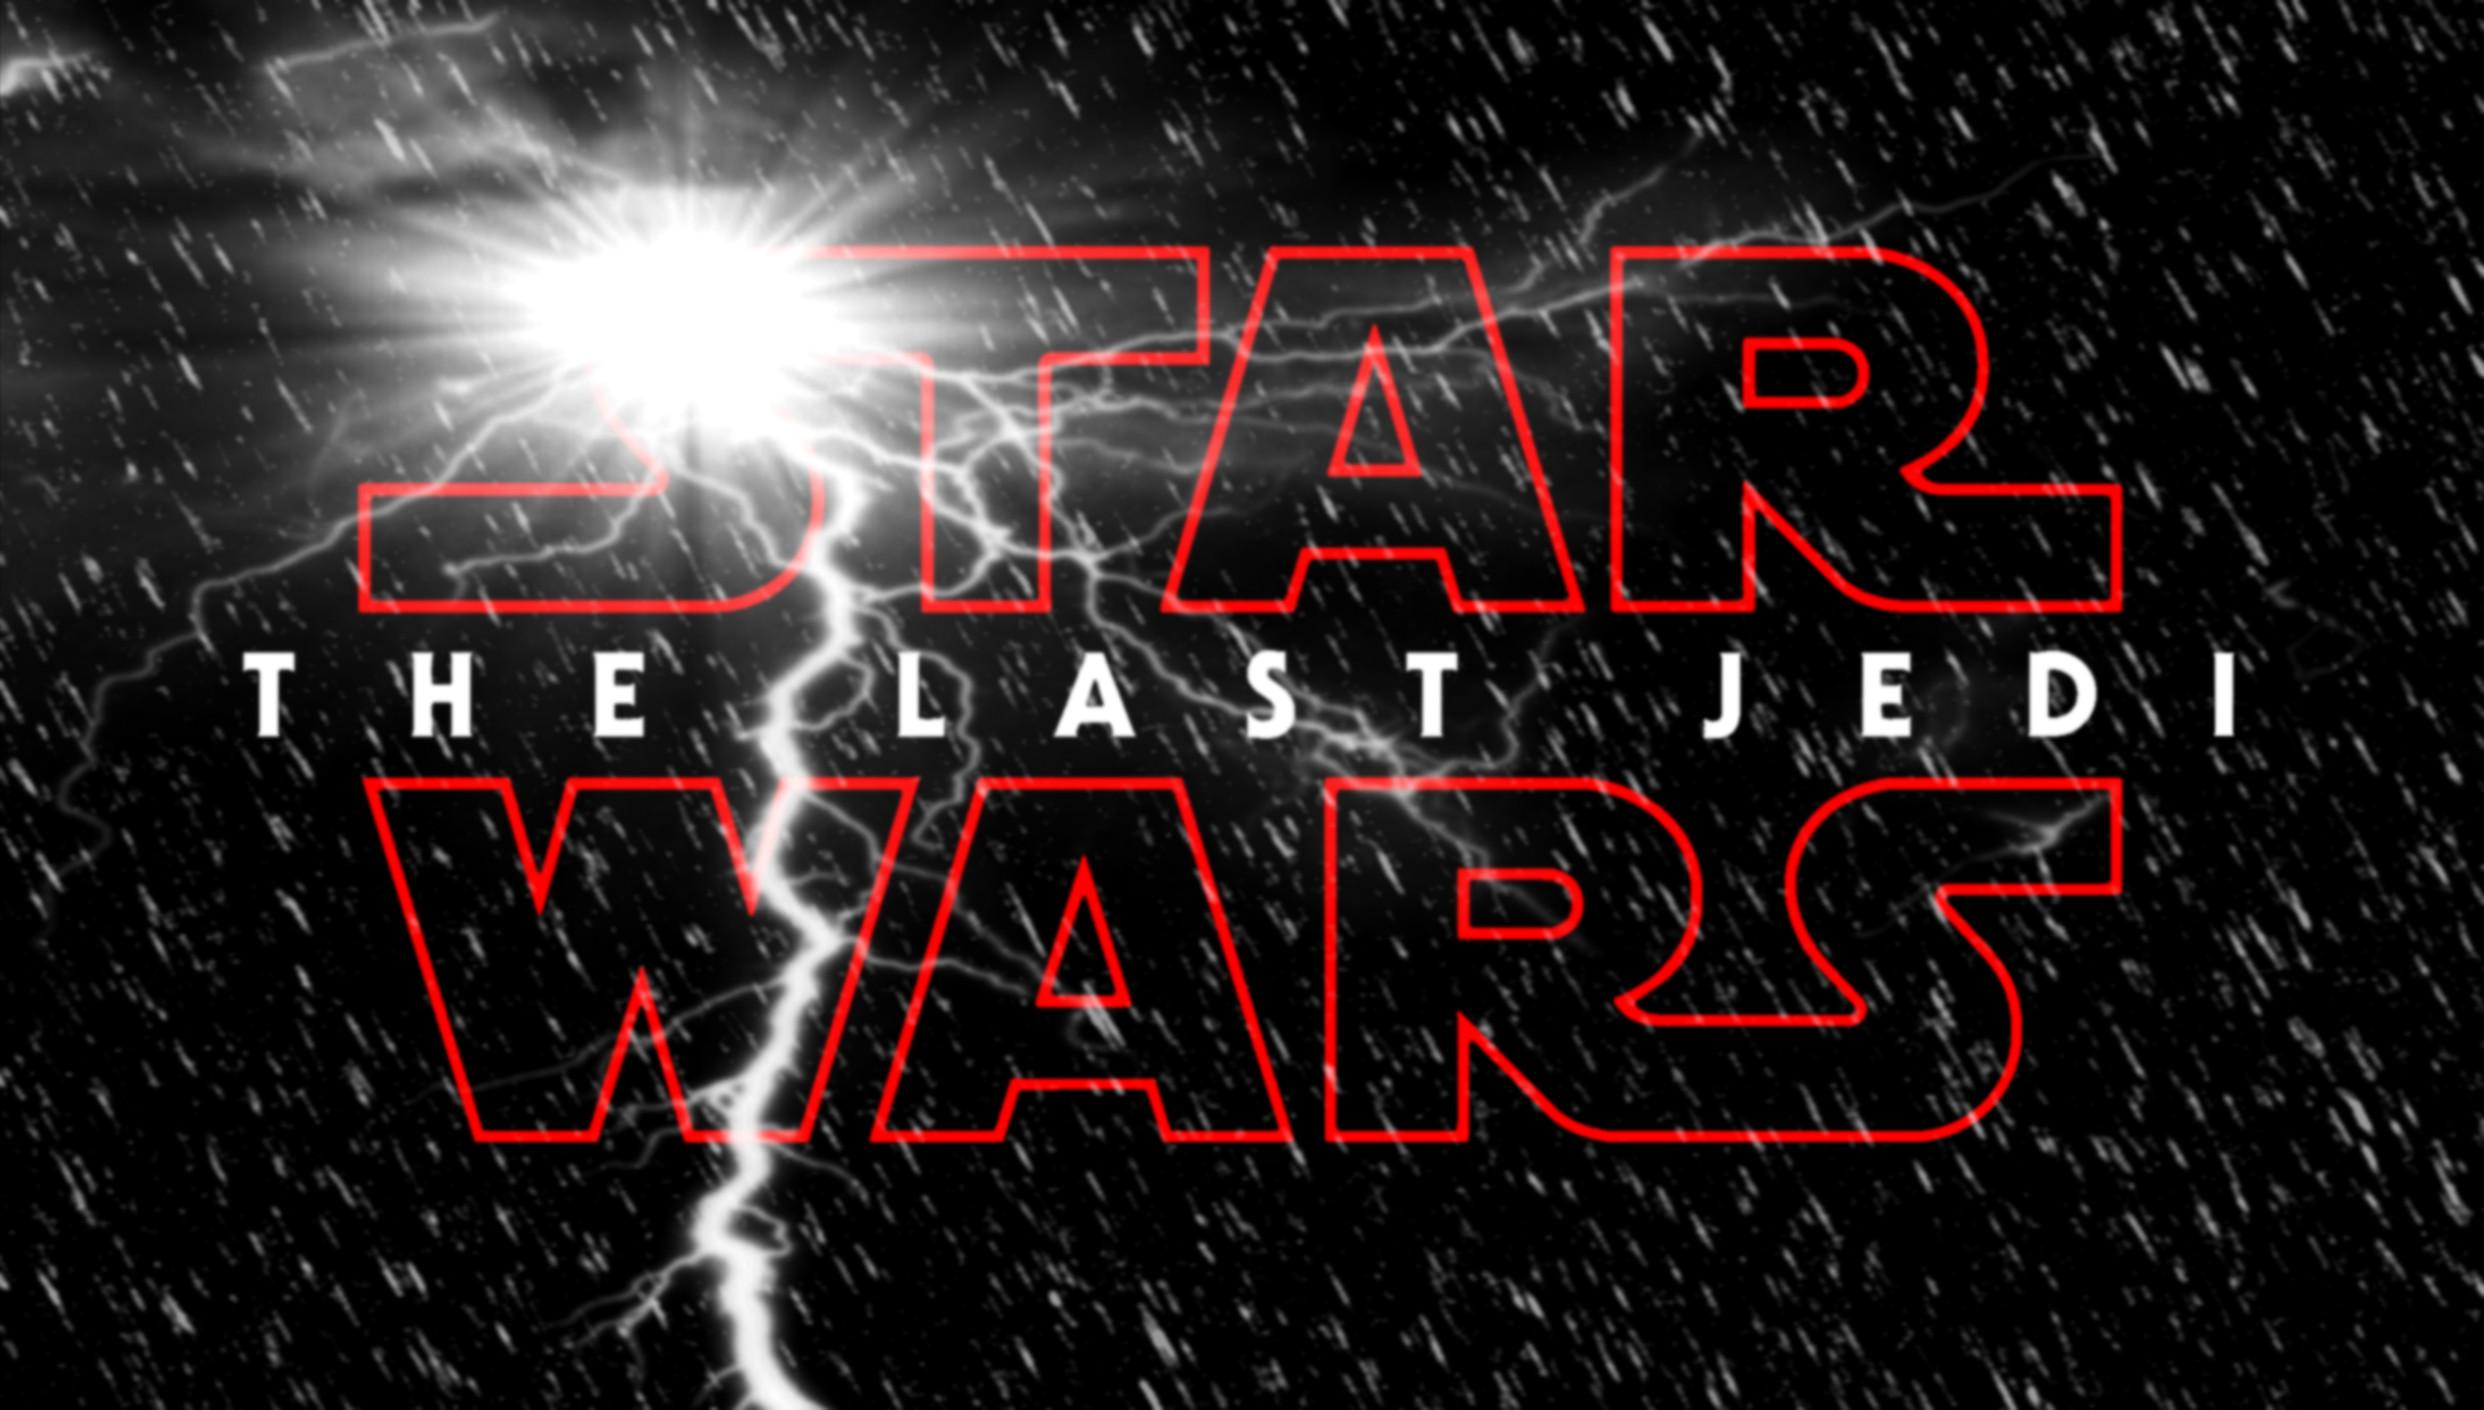 … Star Wars Episode VIII: The Last Jedi (logo art) by Jones6192